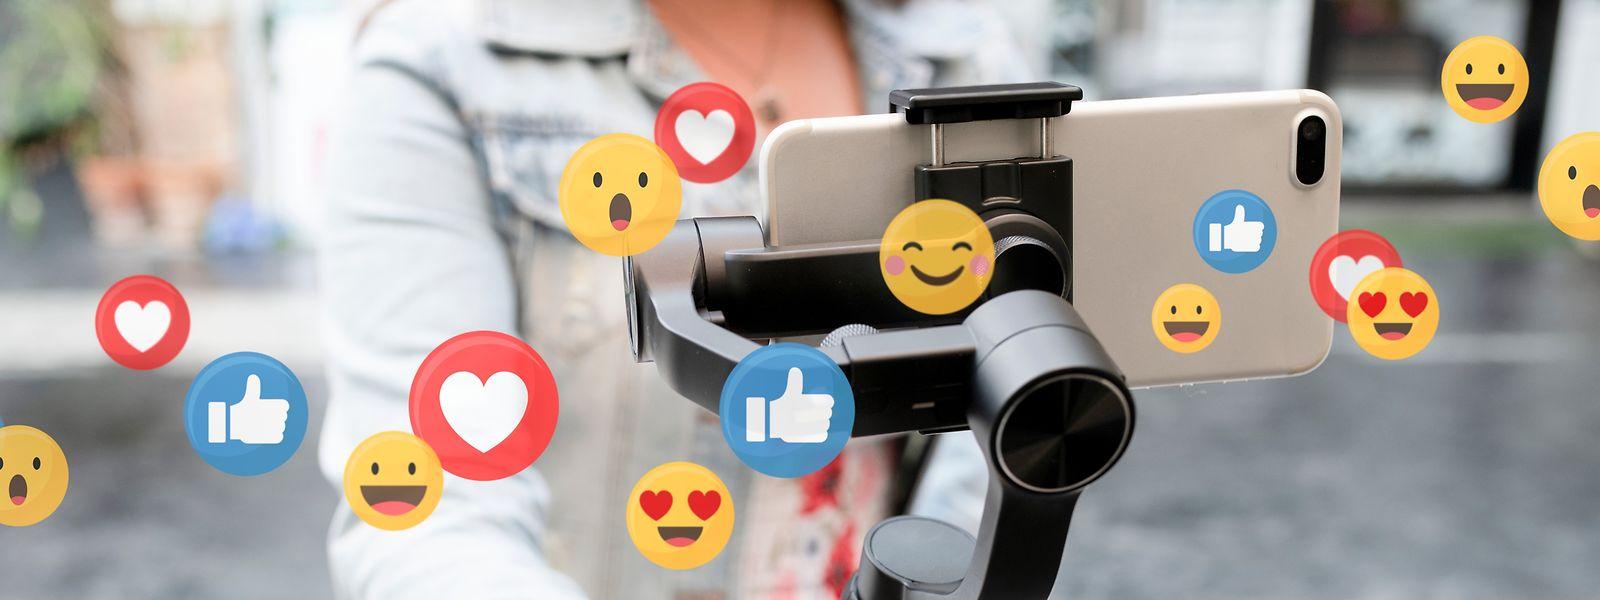 Ob Modetrends, Schminktipps oder die besten Sportübungen für eine straffe Figur: Influencer setzen sich in Szene und beeinflussen damit diejenigen, die auf Instagram und Co. unterwegs sind.